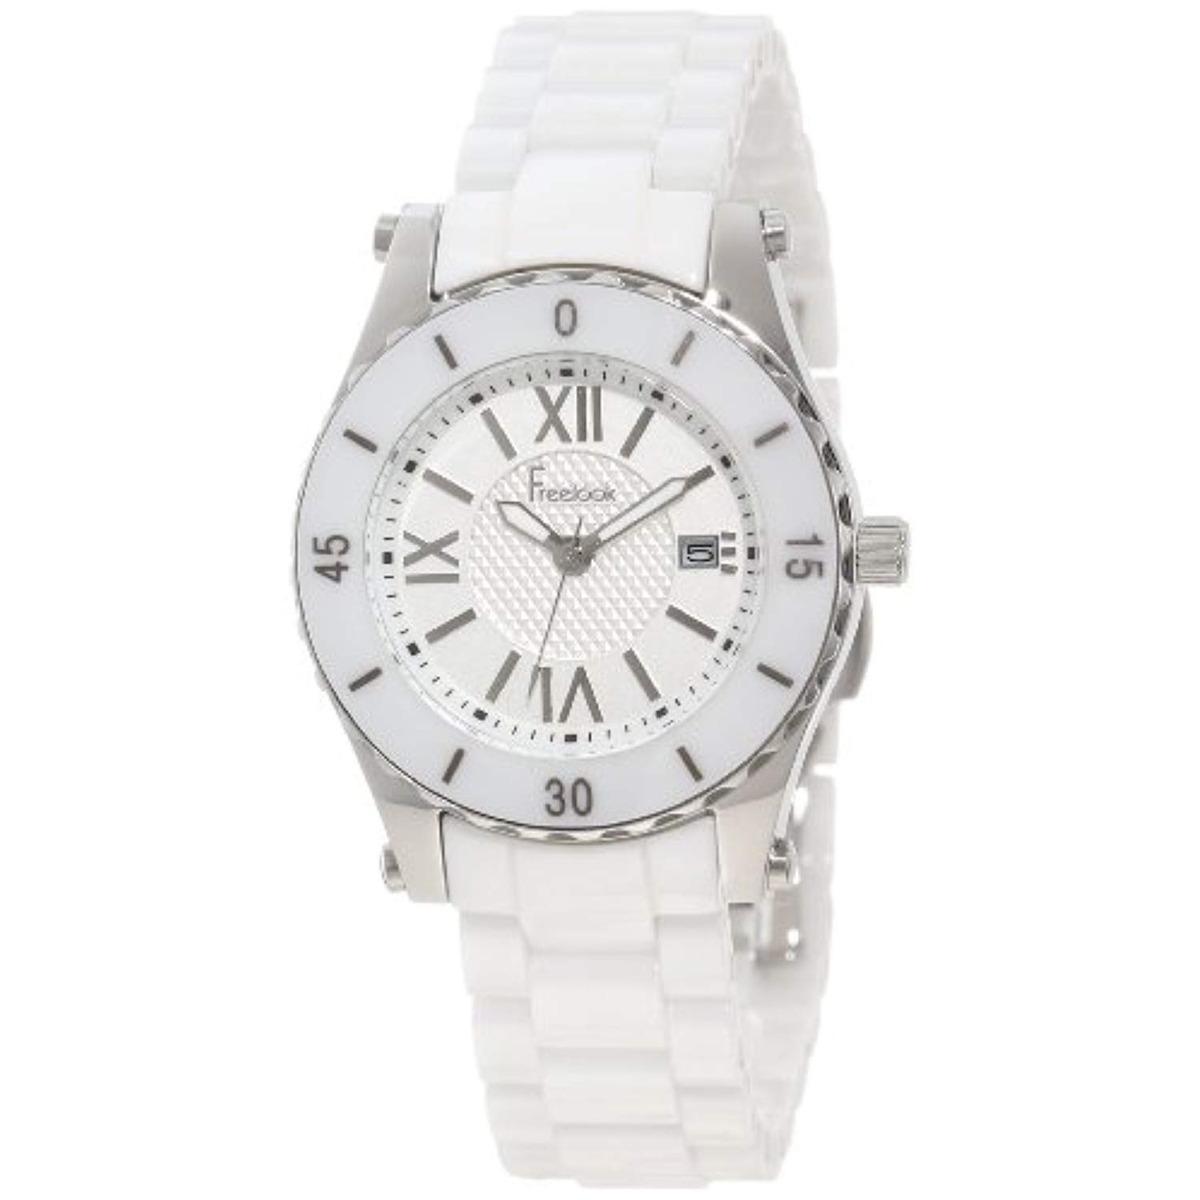 Reloj Acero Inoxidable Freelook 9 De Ha5114 NmO8wnv0